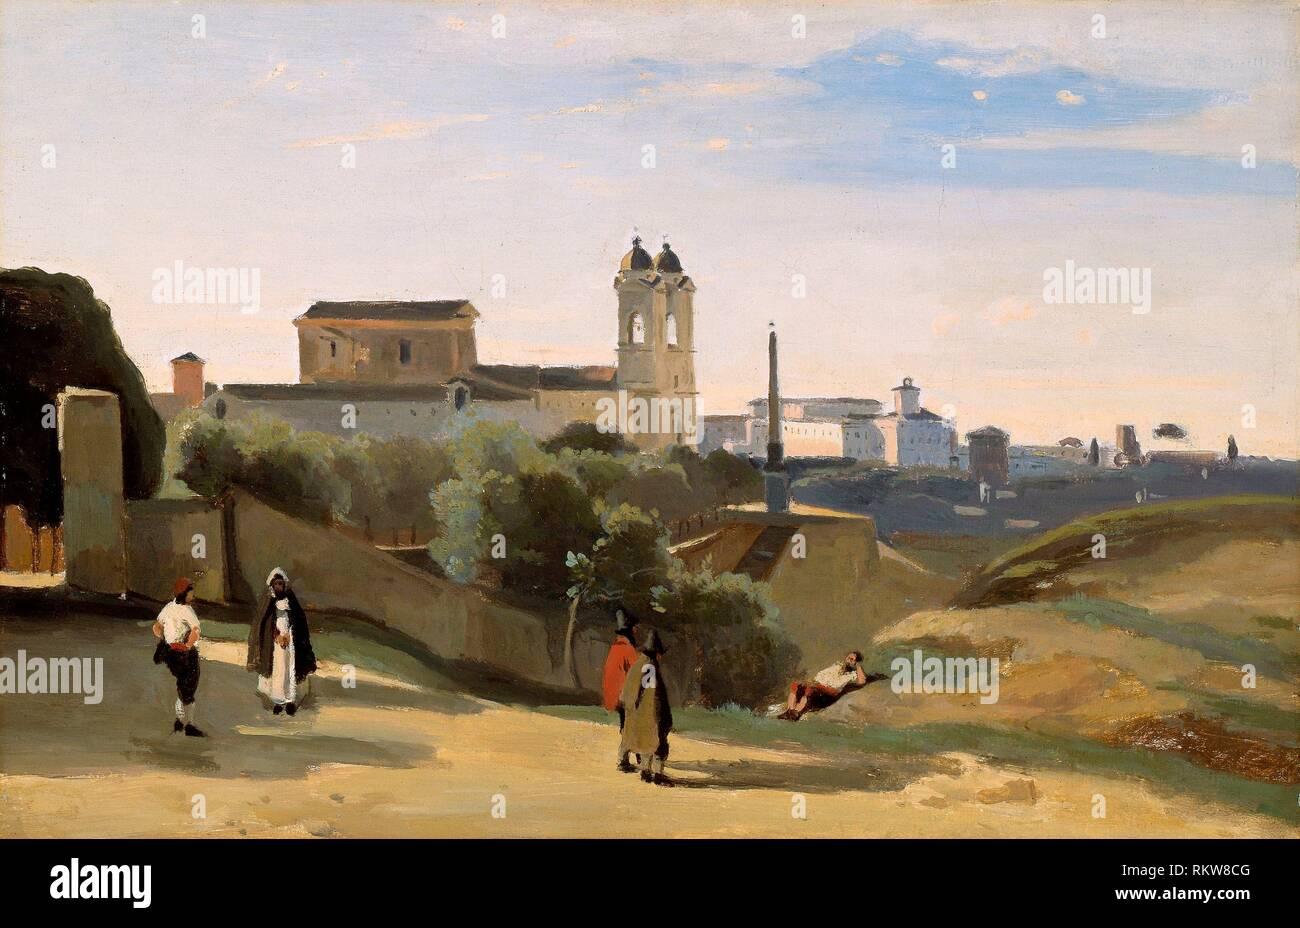 Monte Pincio, Rome - 1840/50 - Jean-Baptiste-Camille Corot French, 1796-1875 - Artist: Jean Baptiste Camille Corot, Origin: France, Date: 1840-1850, - Stock Image